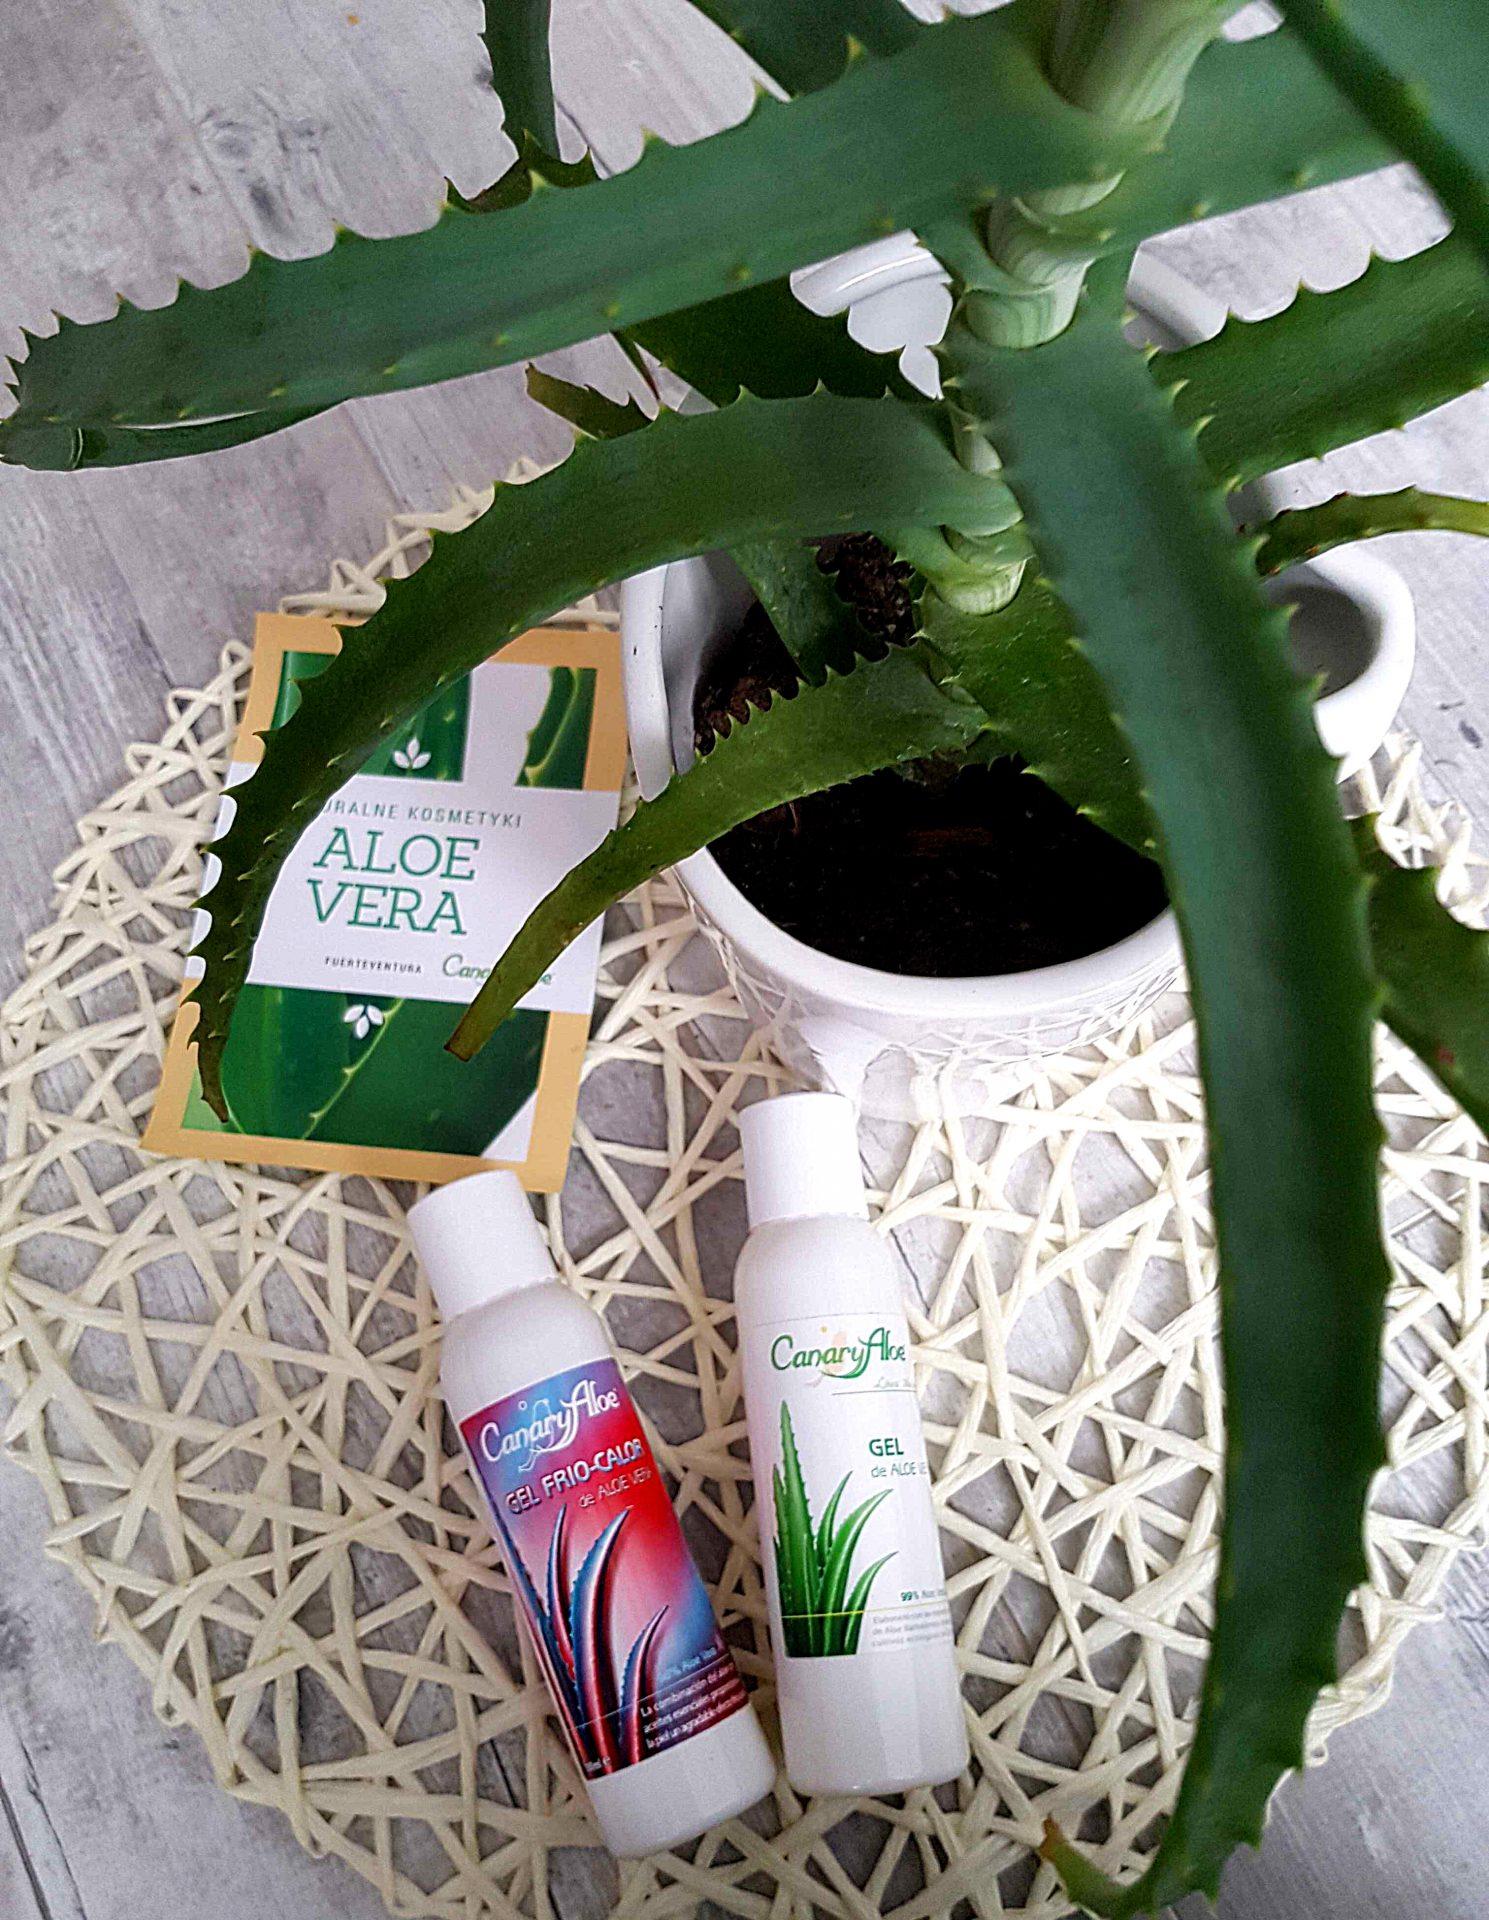 Żel aloesowy – kosmetyk o wielu zastosowaniach